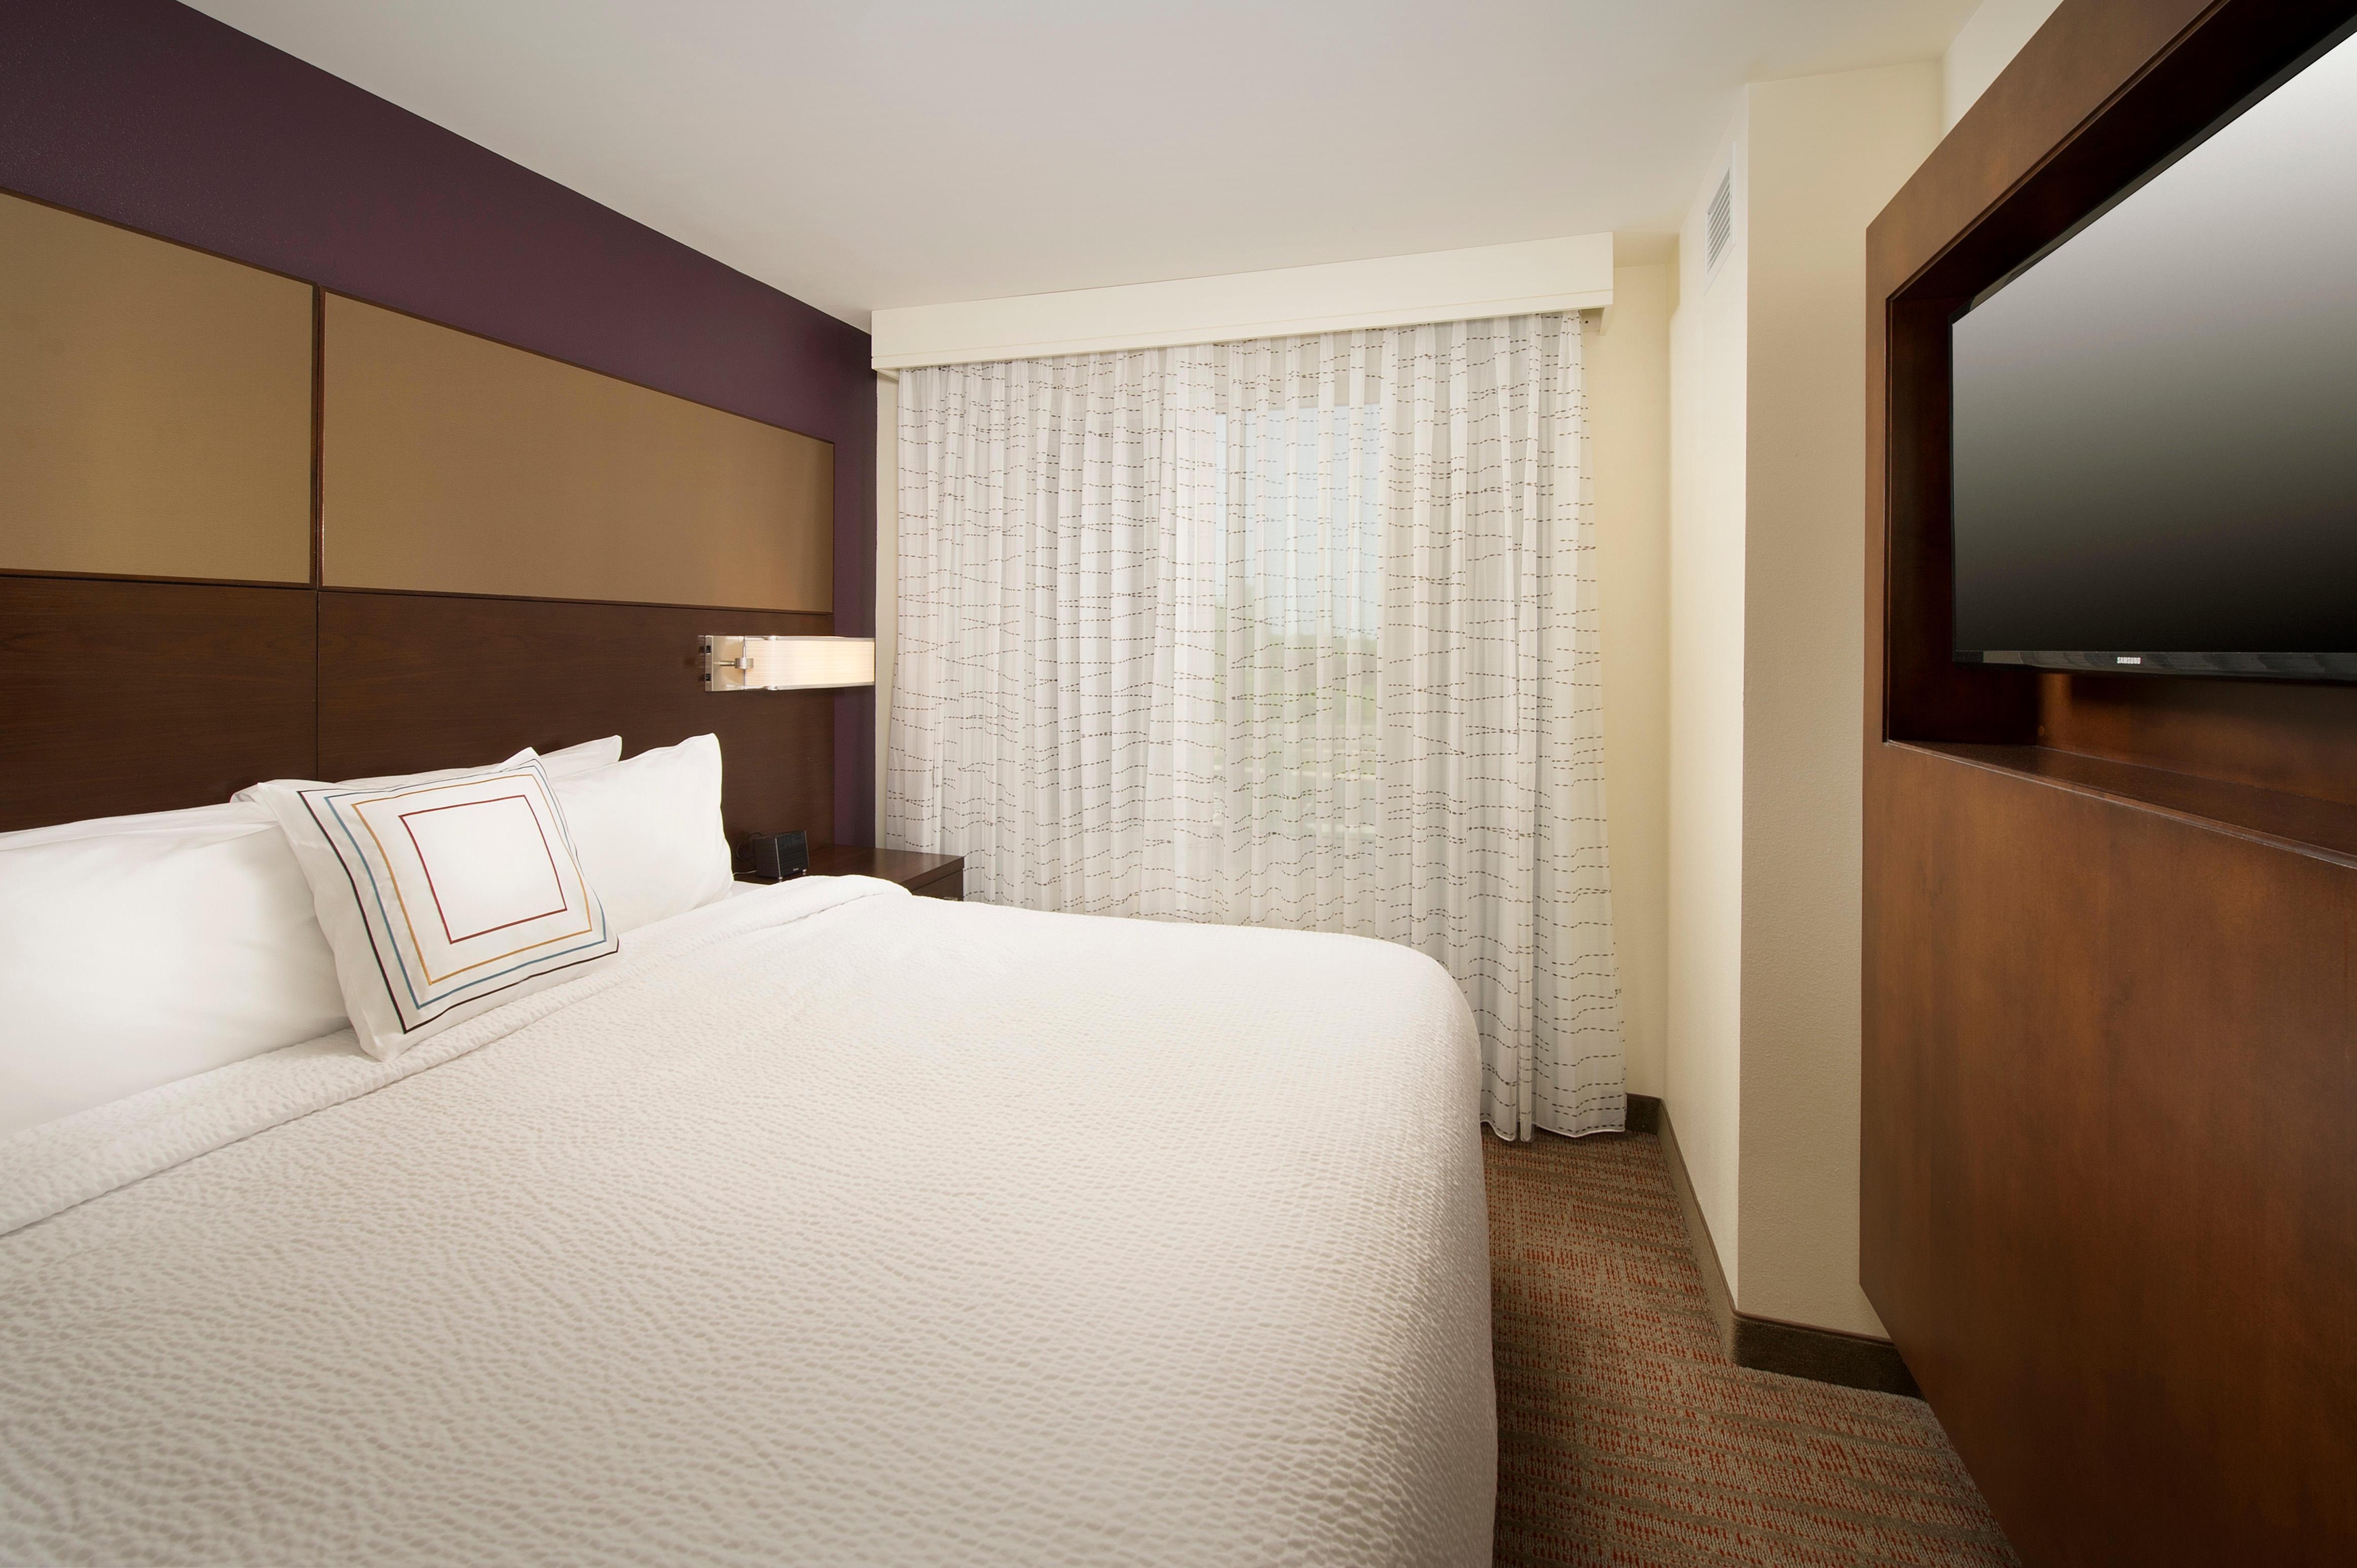 Residence Inn by Marriott Nashville SE/Murfreesboro image 8